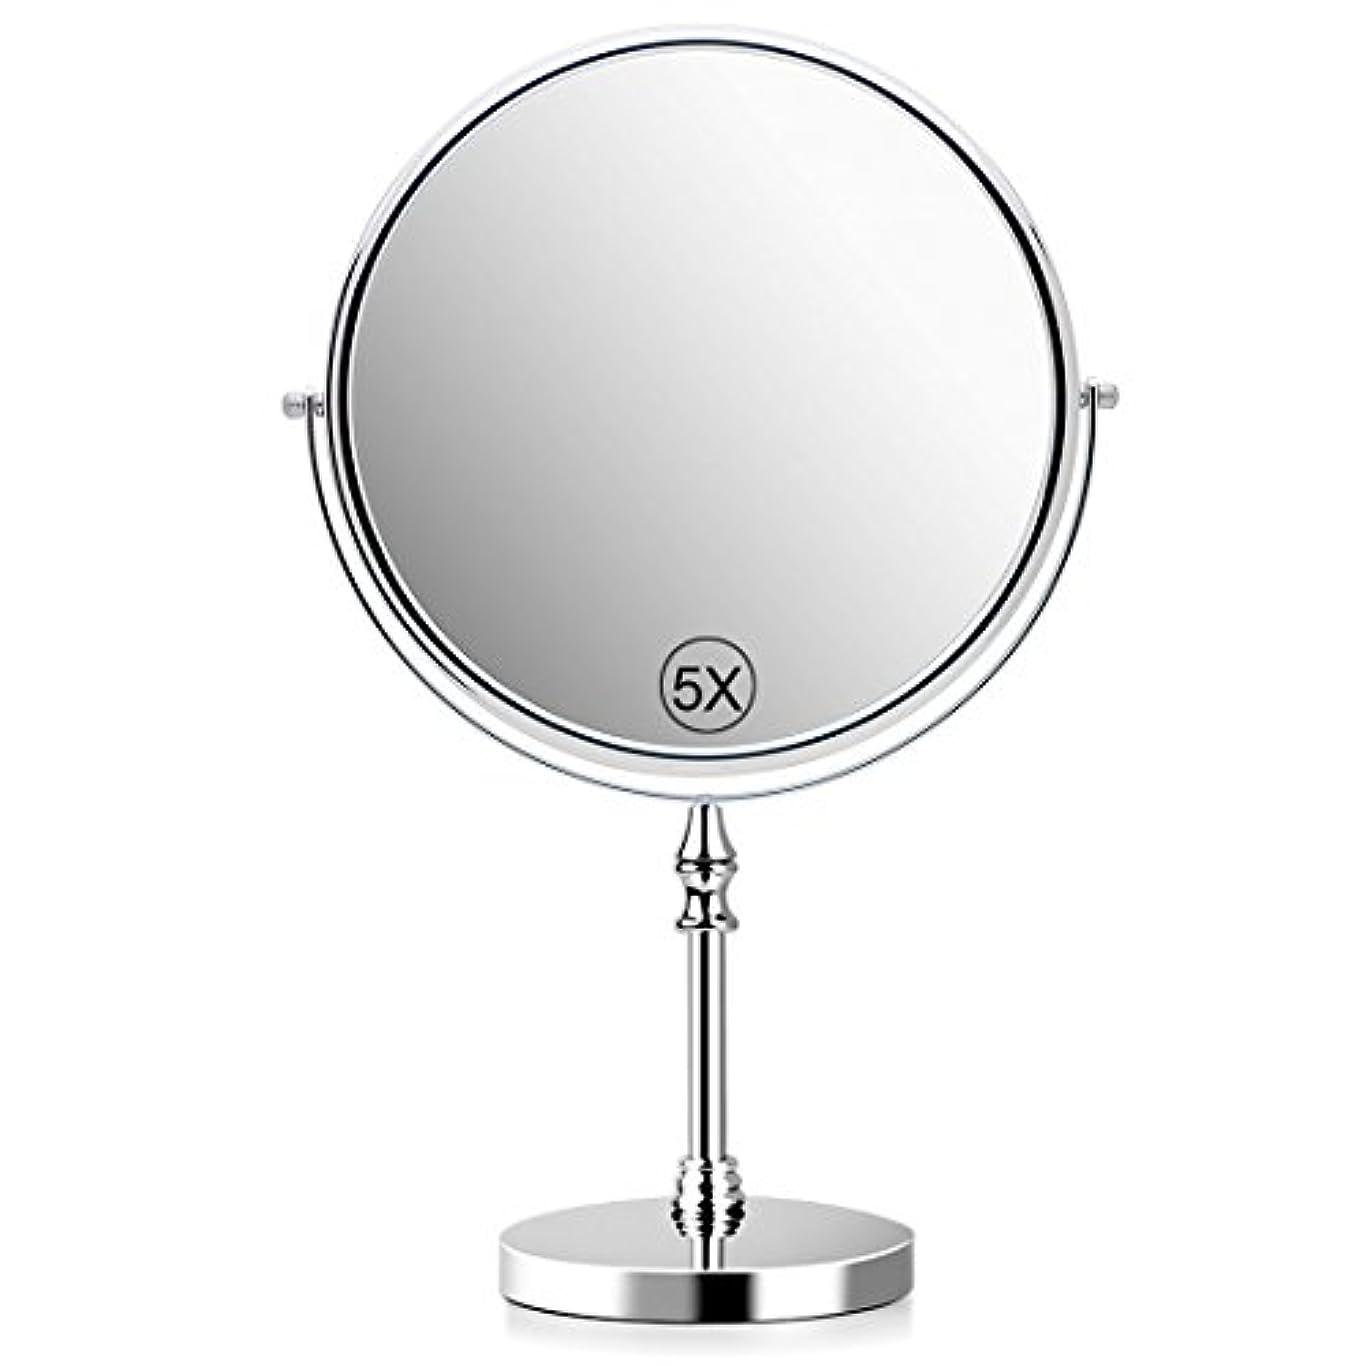 カスタム同志ブート5倍拡大鏡 化粧鏡 卓上鏡 化粧ミラー 等倍鏡 両面型 360度回転式 60度回転 直径20cm